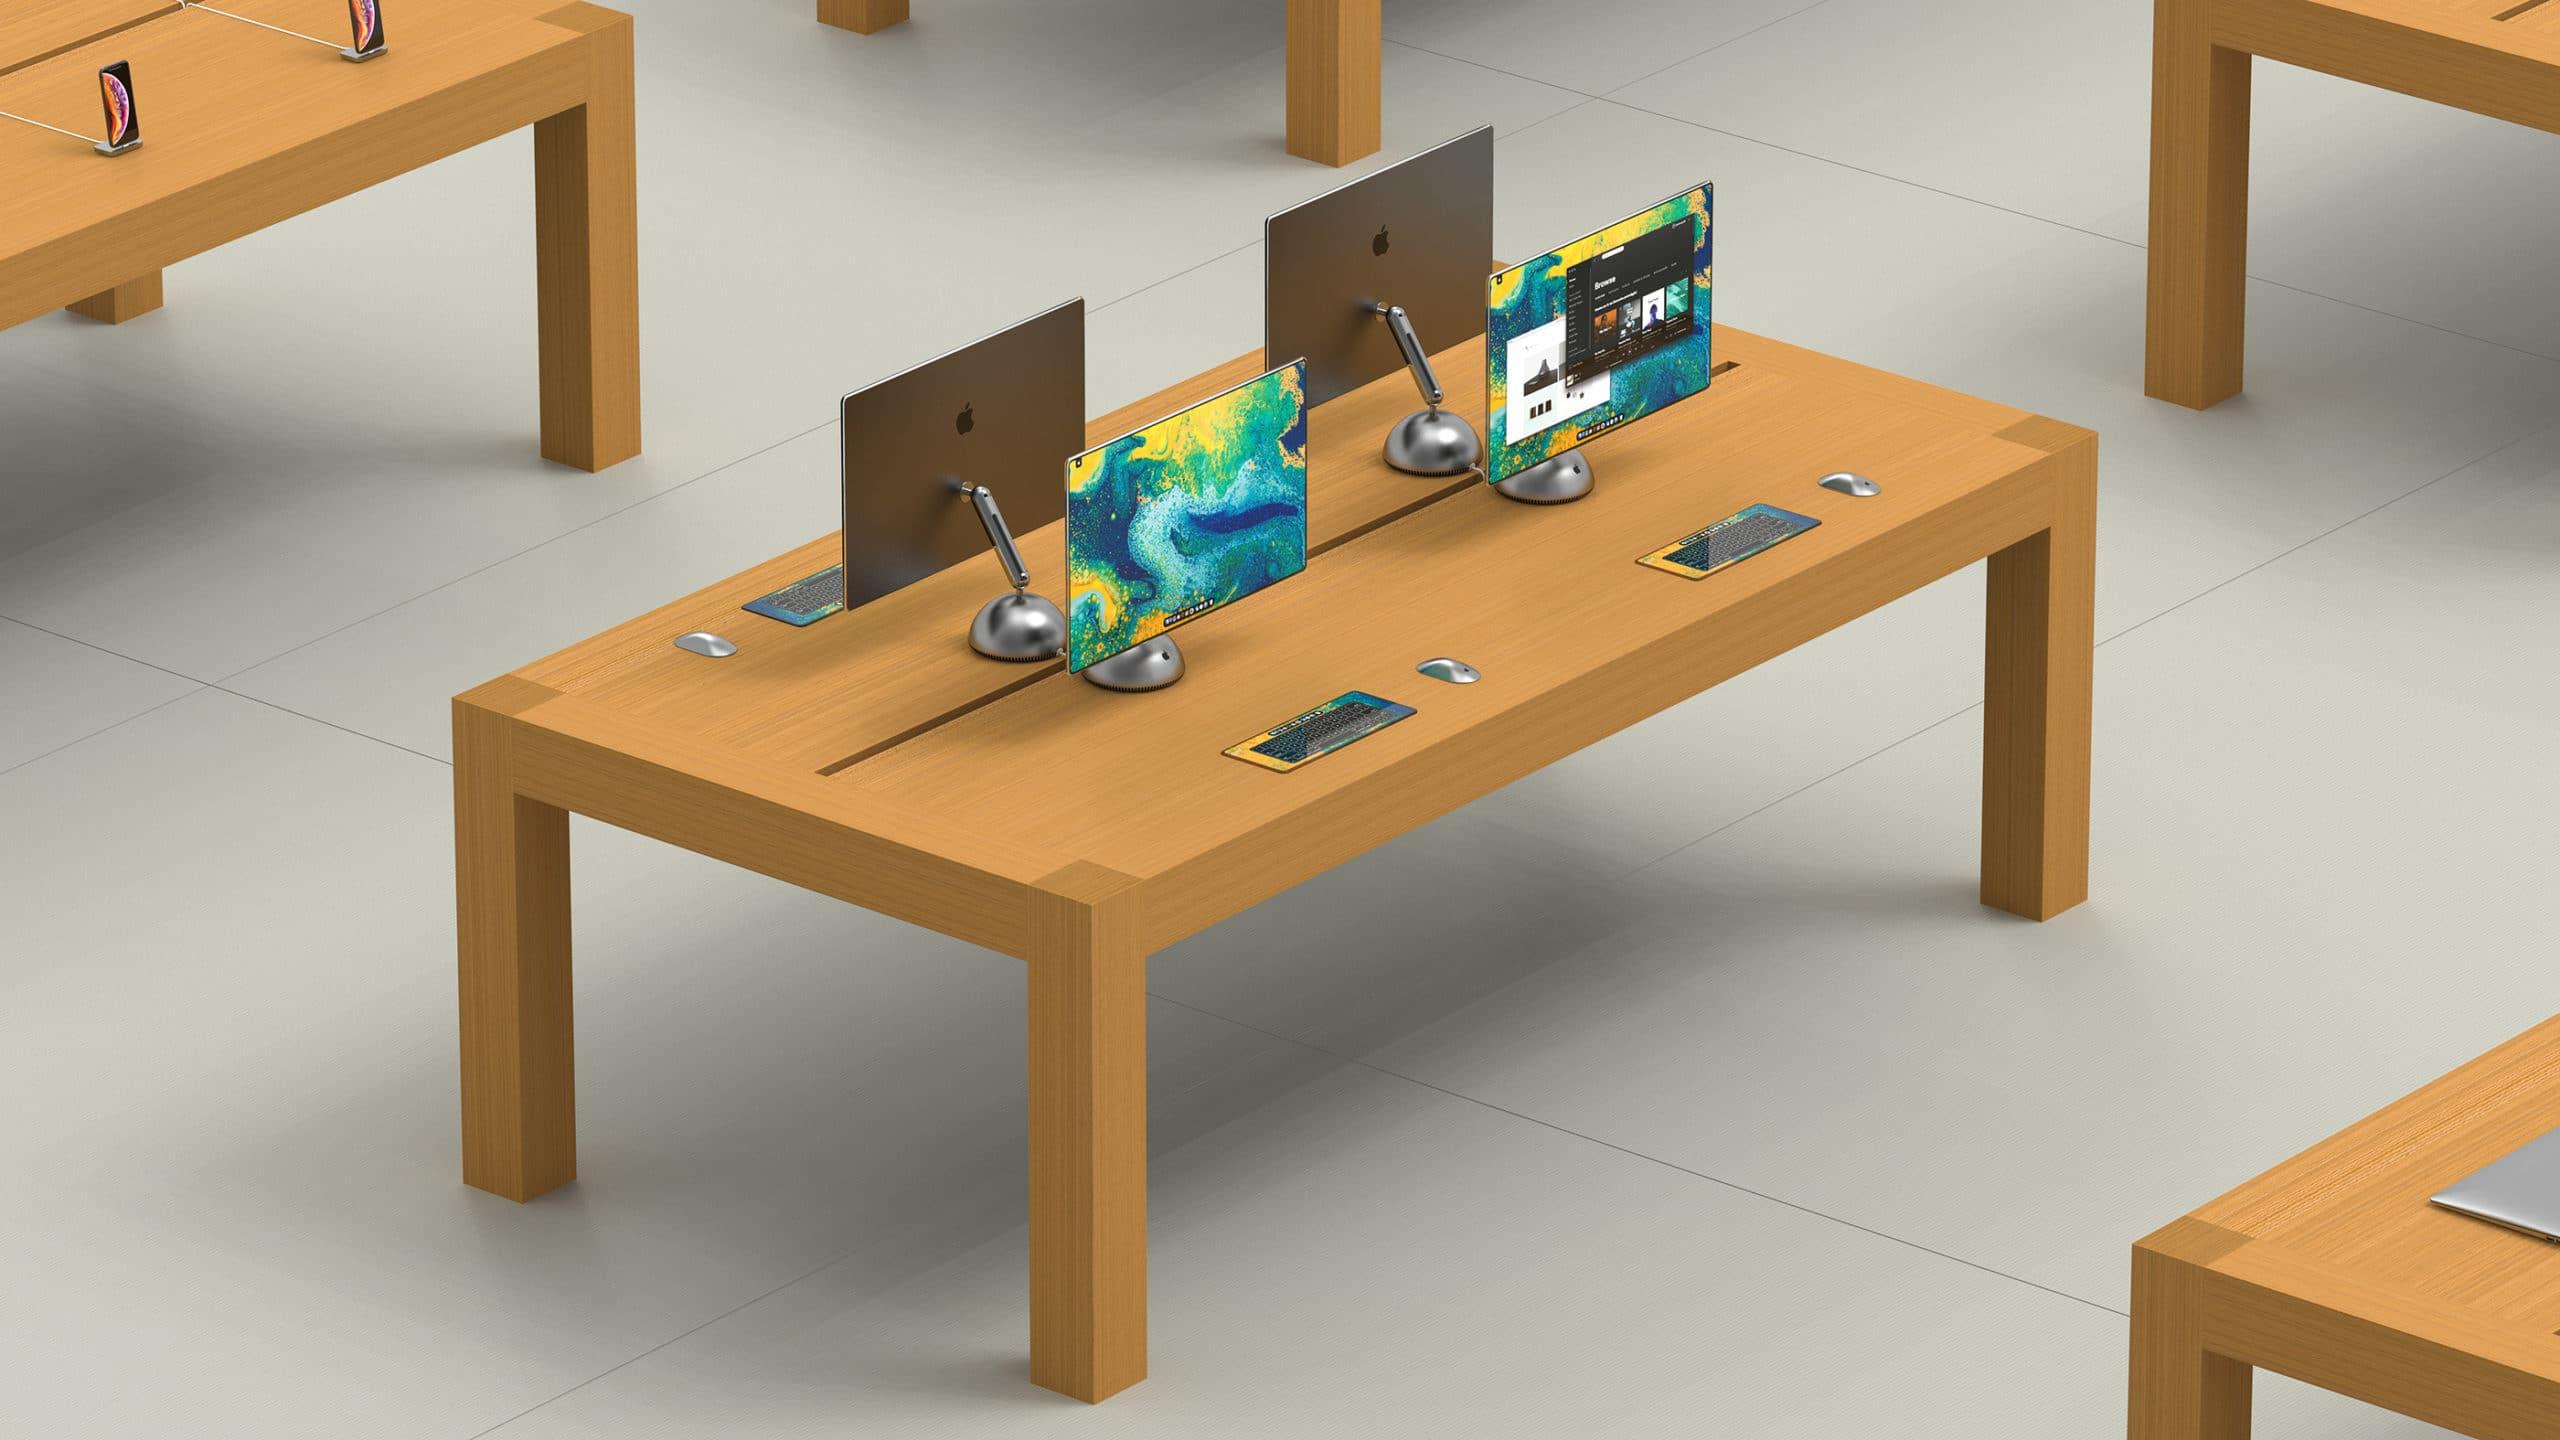 Conceito baseado no iMac G4